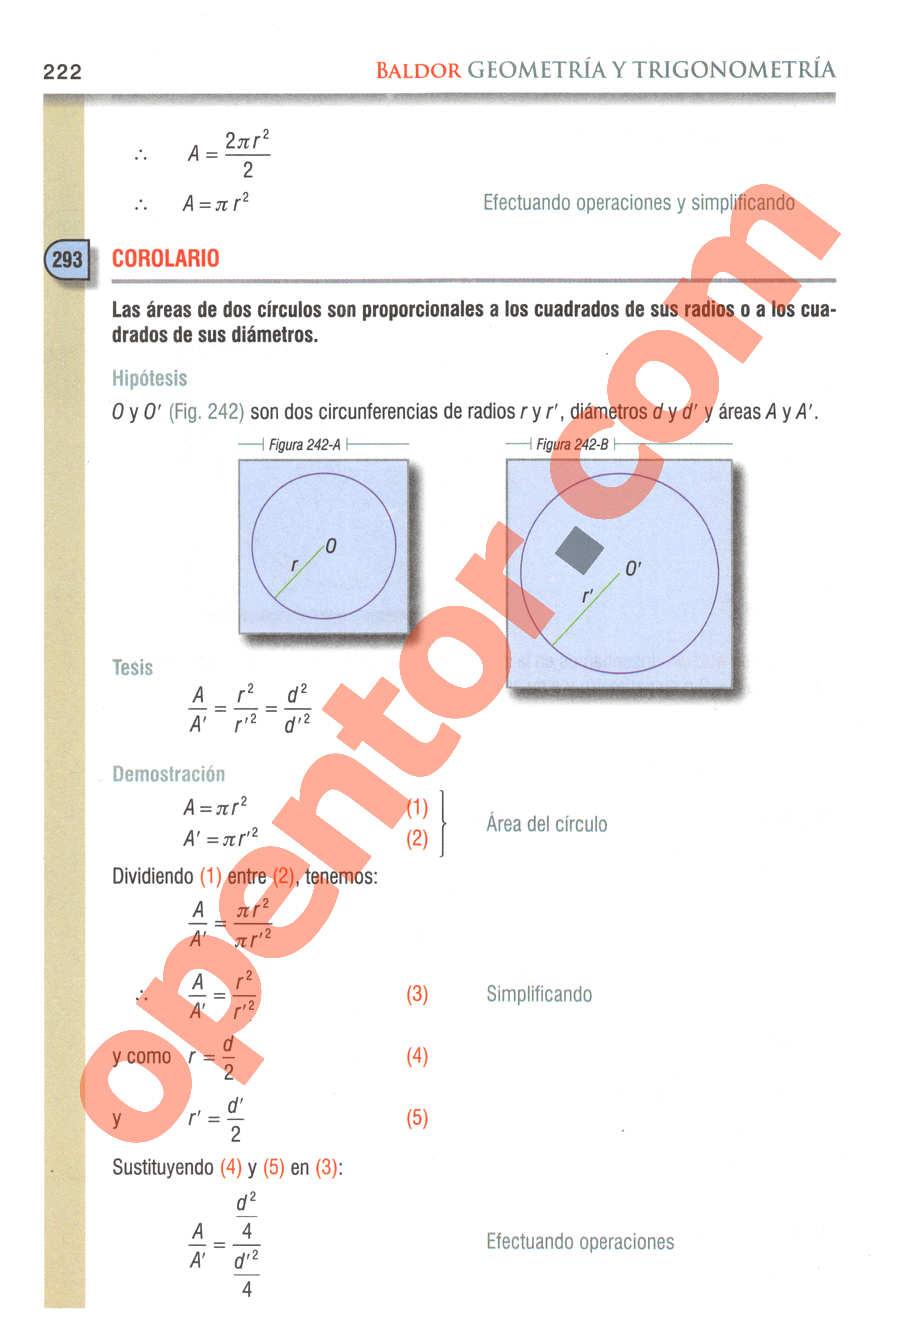 Geometría y Trigonometría de Baldor - Página 222